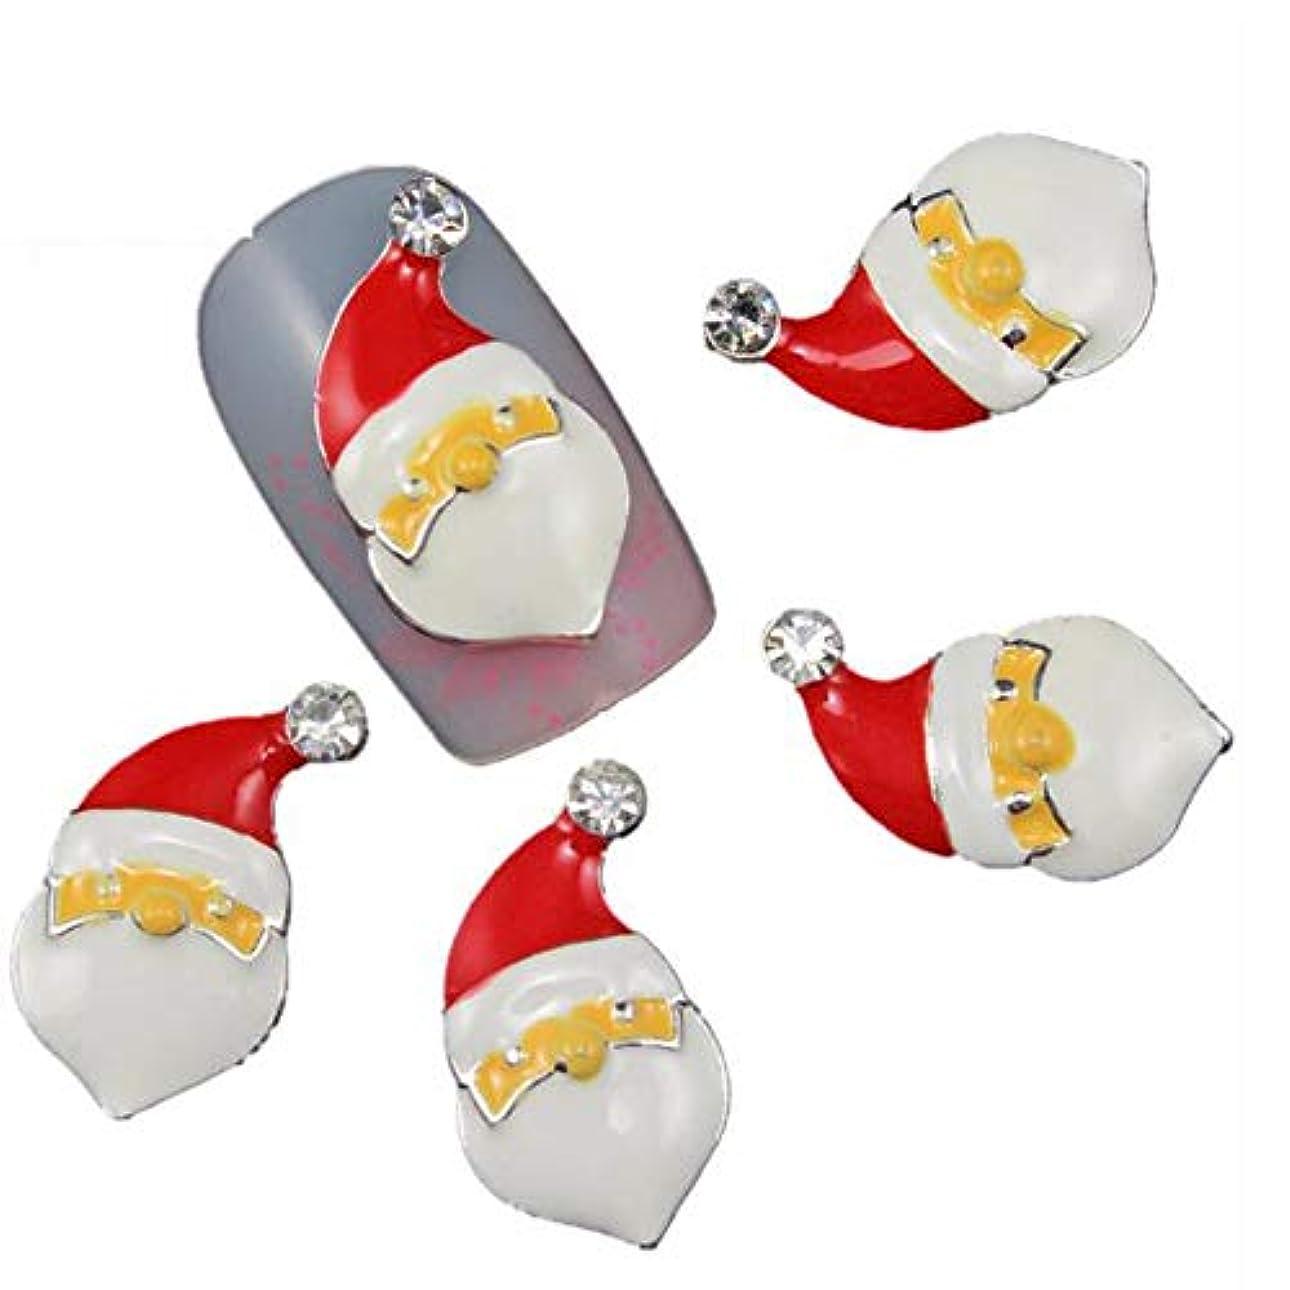 サラダ嫉妬たっぷりチャームの釘のために10個/ロット3Dクリスマスネイルアートクラシックサンタクロースデザインマニキュアの装飾のクリスタルラインストーン